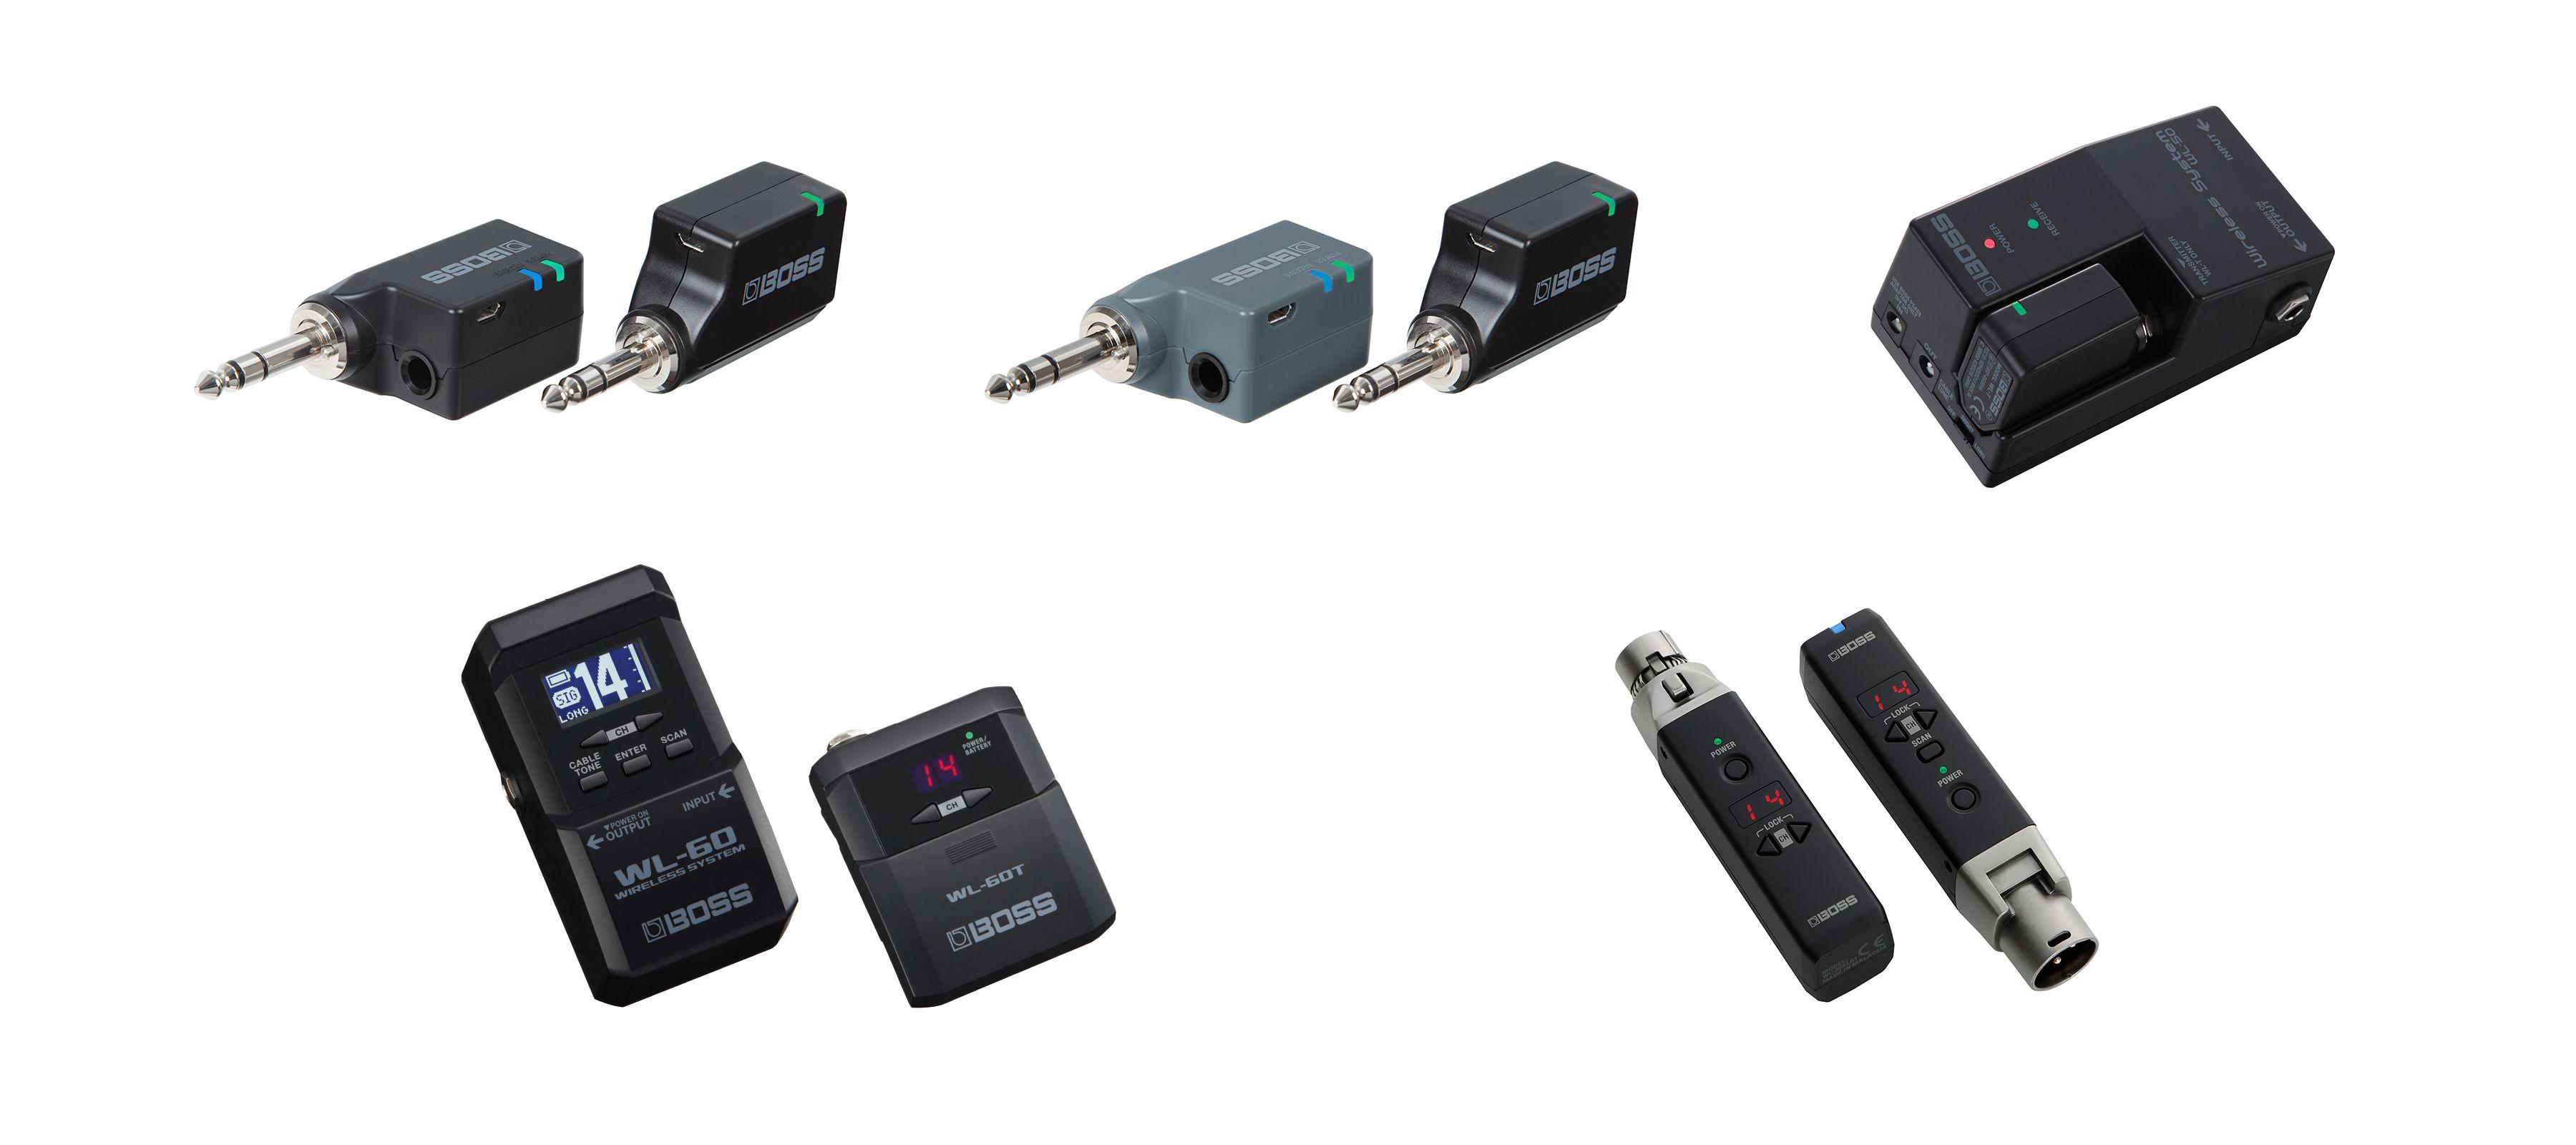 BOSS WL-series wireless systems: WL-20, WL-20L, WL-50, WL-60, and WL-30XLR (left to right).